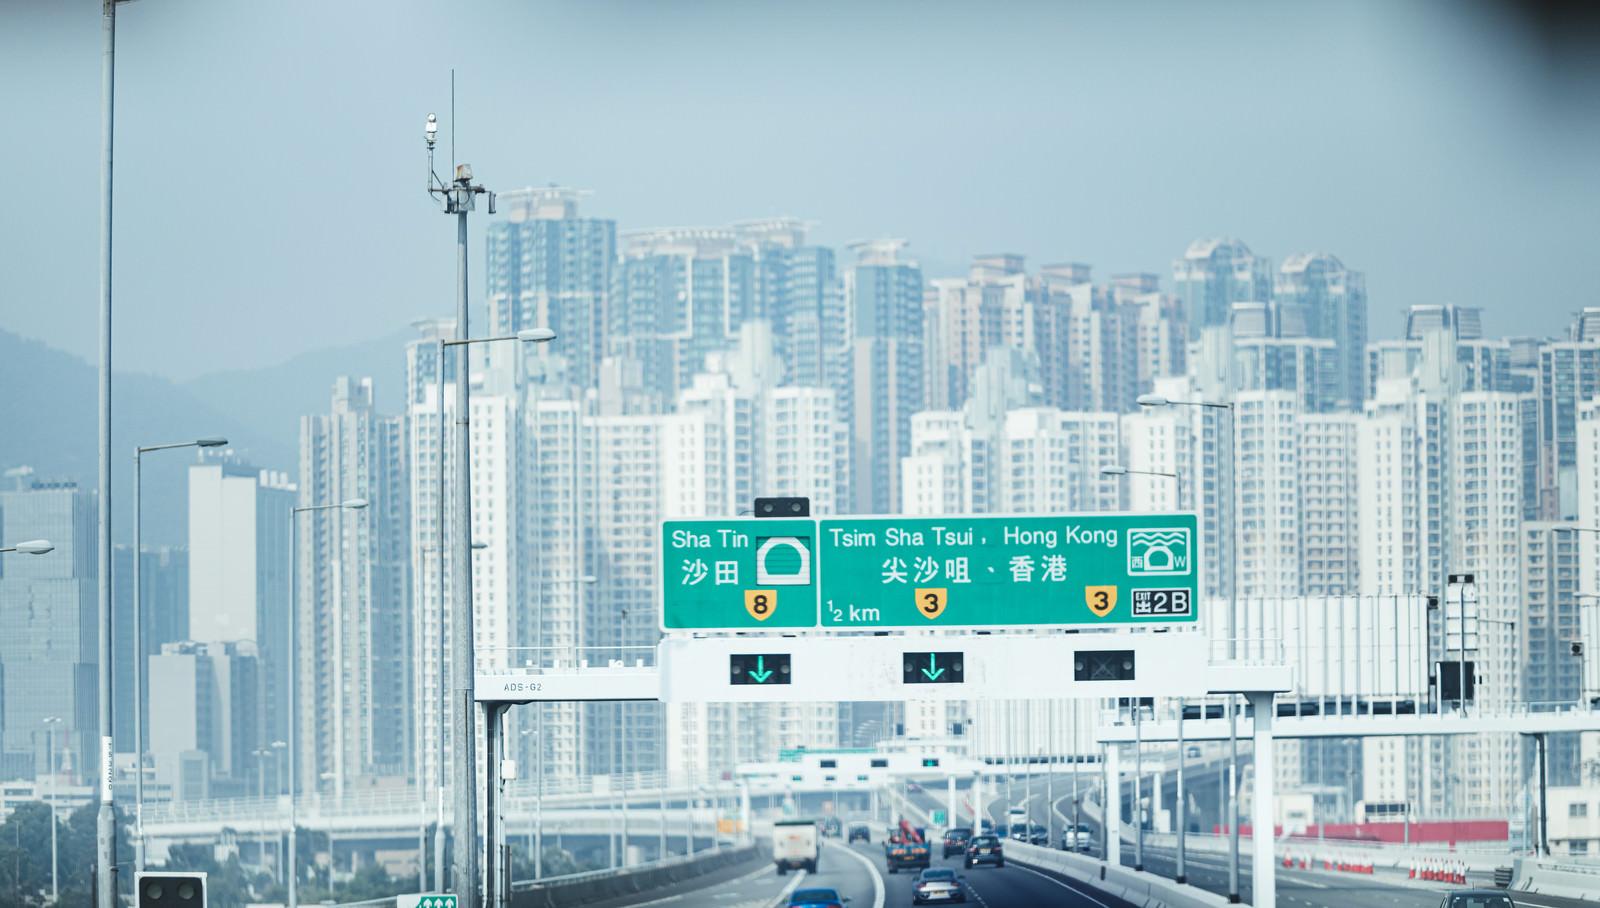 「香港の高速を走行中に見えるマンション群」の写真